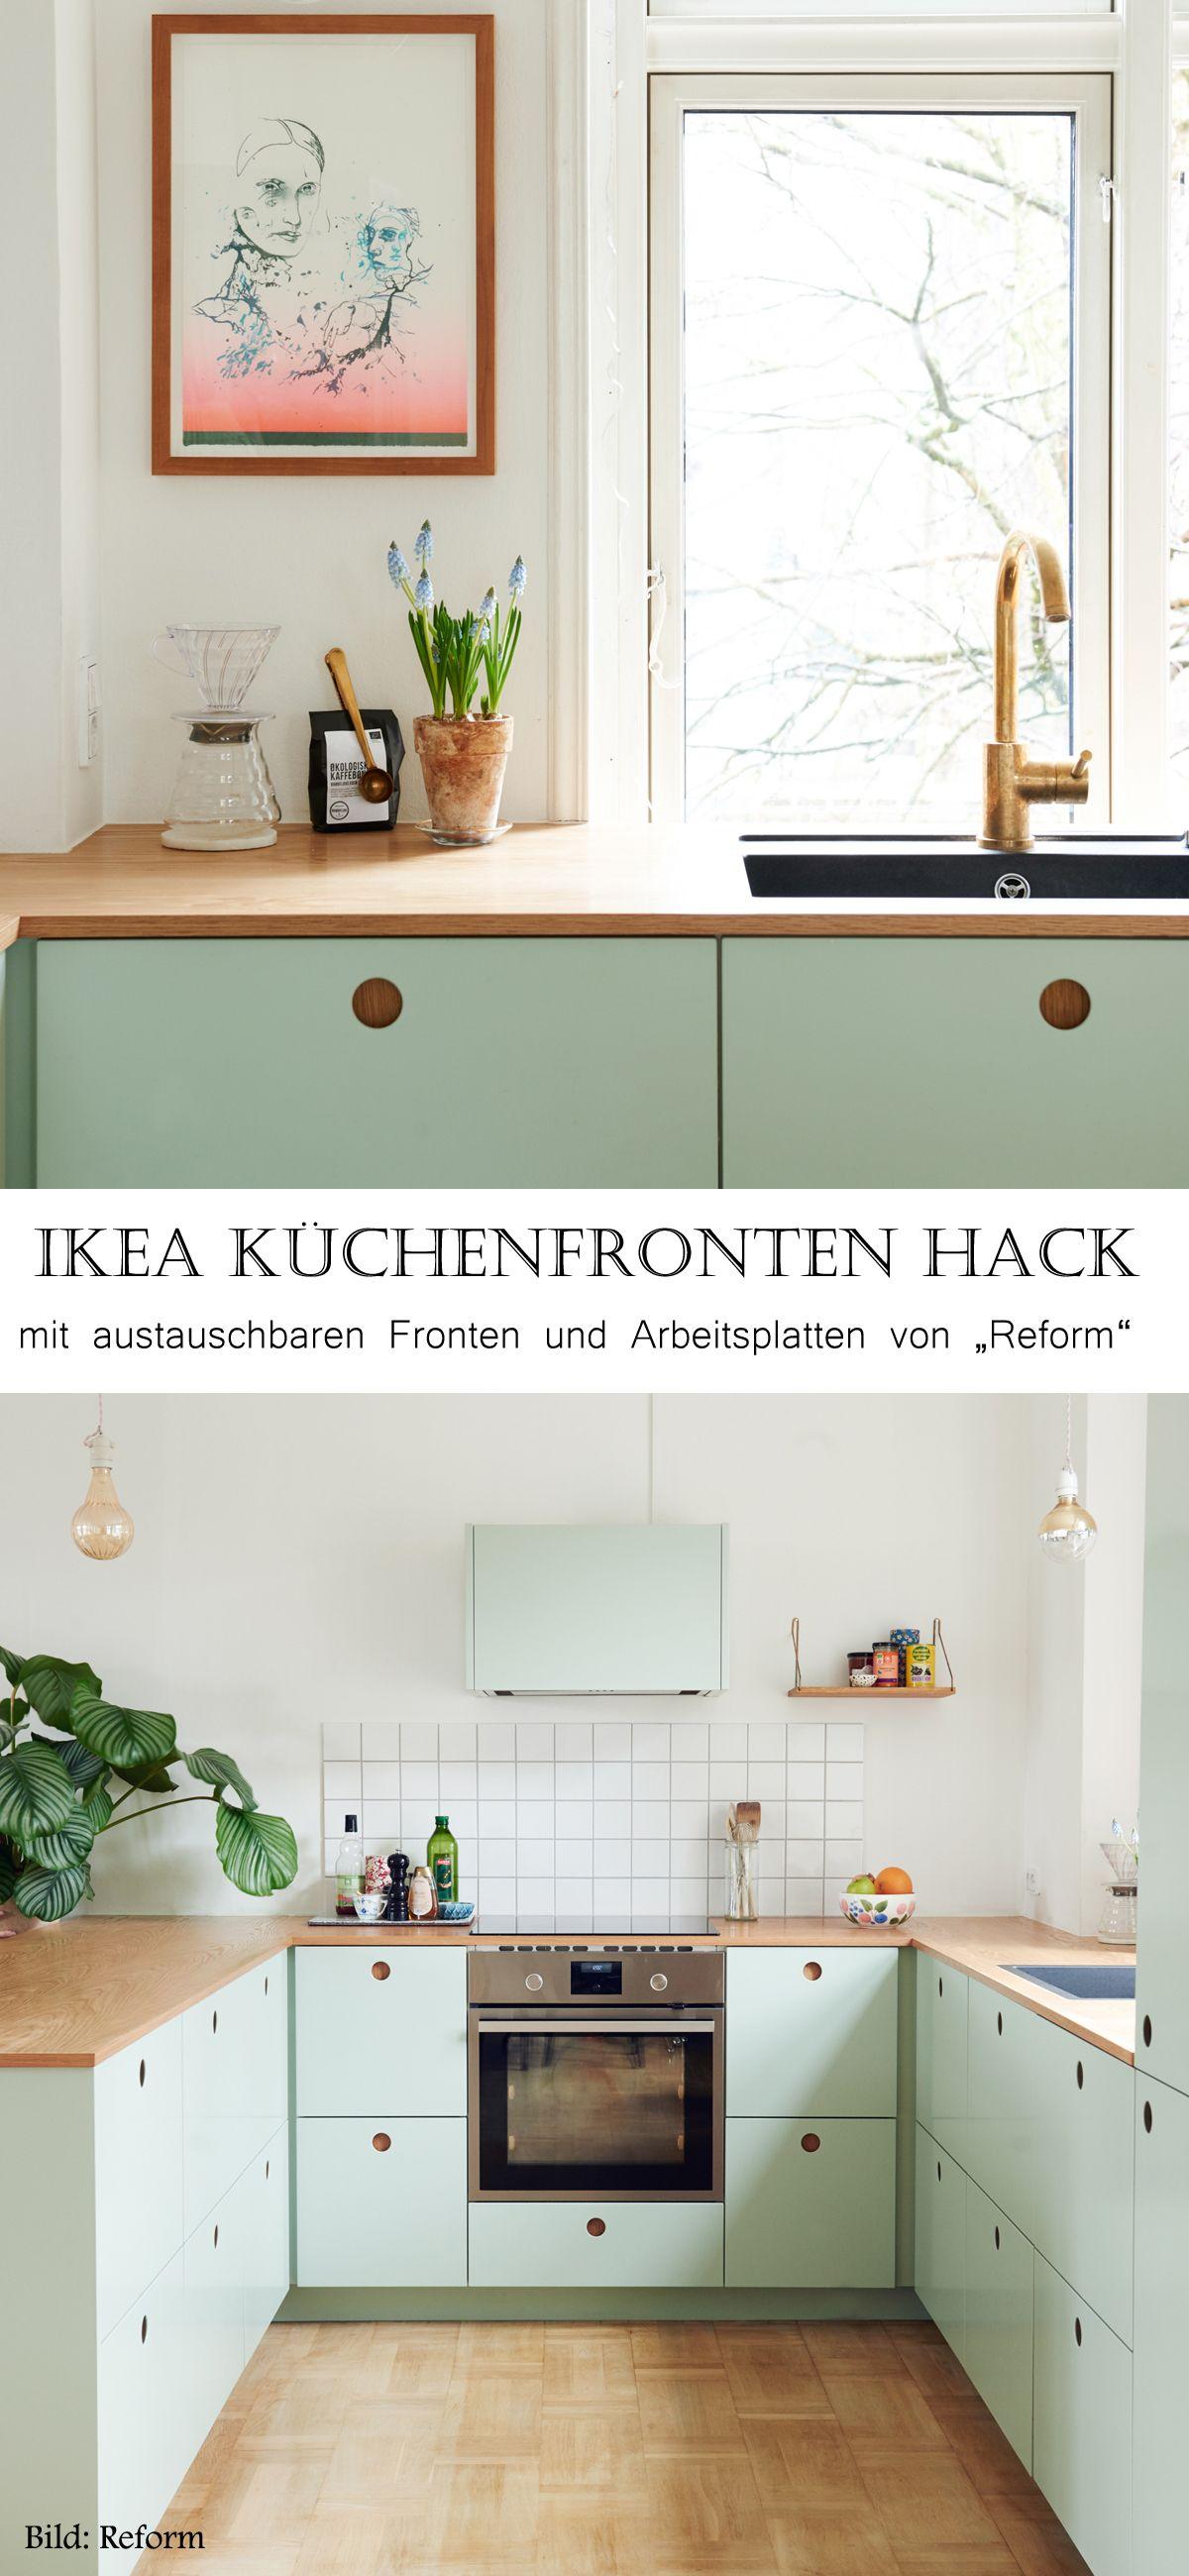 Ikea Kuchenfronten Pimpen Ikea Kuchen Fronten Kuchen Fronten Ikea Kuche